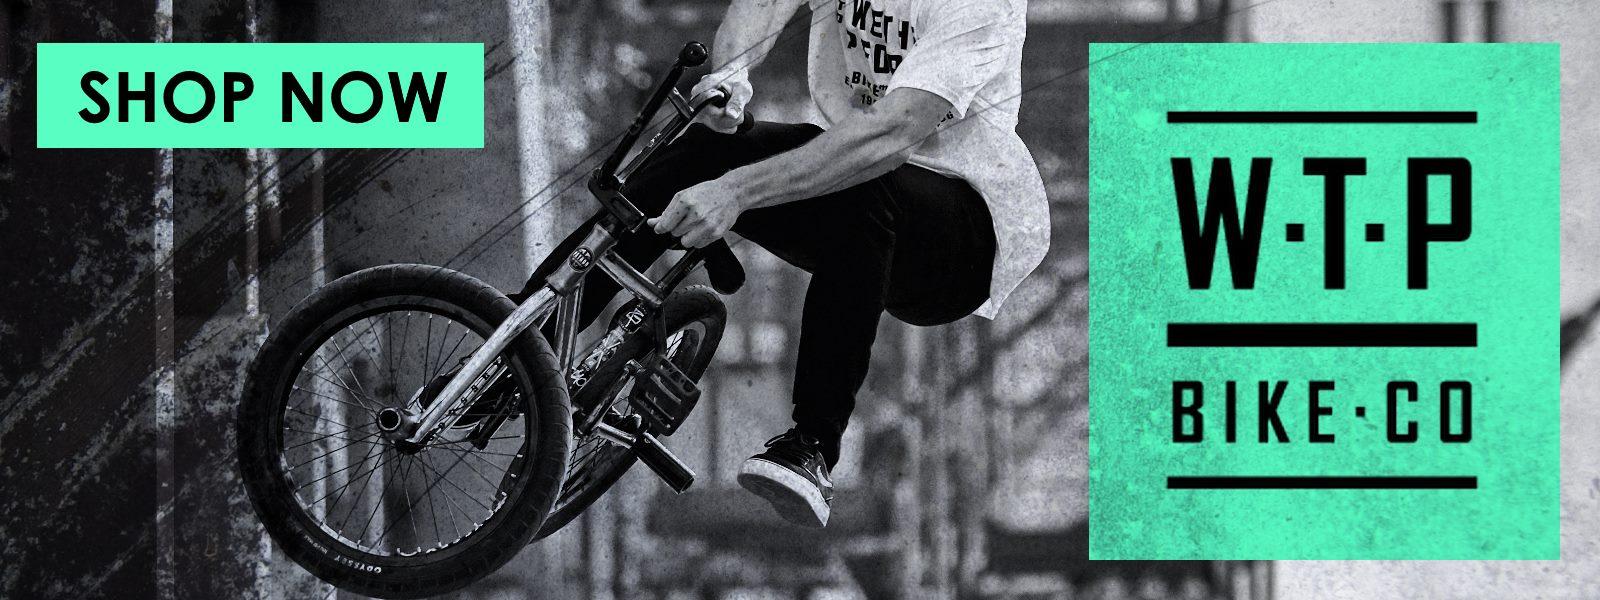 WeThePeople Bike Co